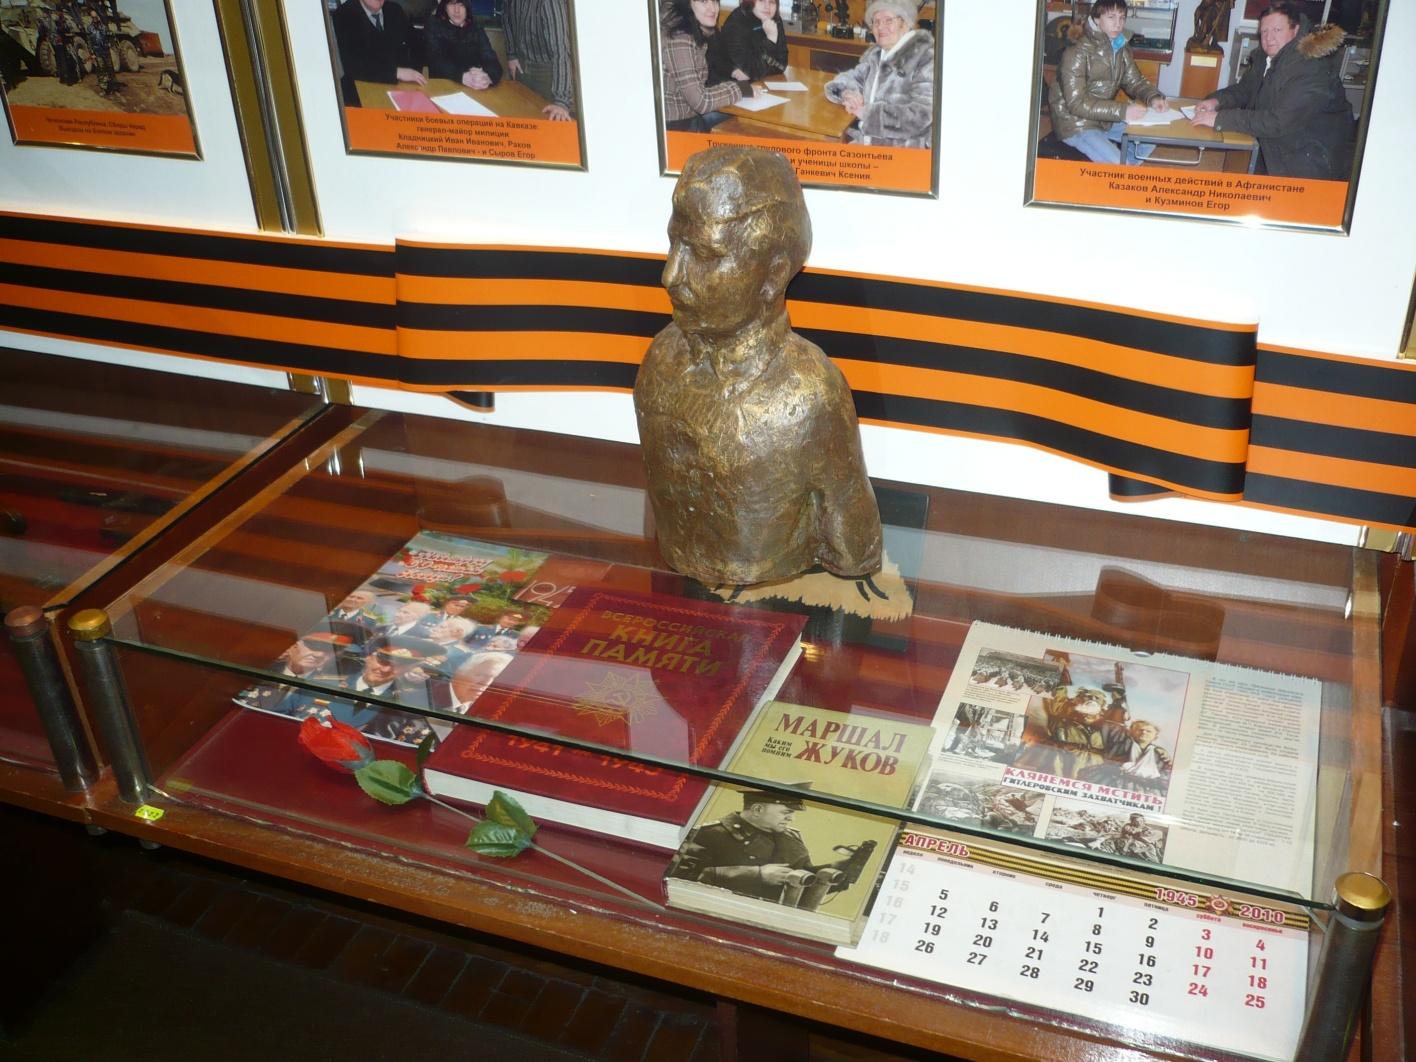 I:\Архив\разное рабочий стол\разное\Т.А\экскурсия в музей ГУВД\P1030061.JPG